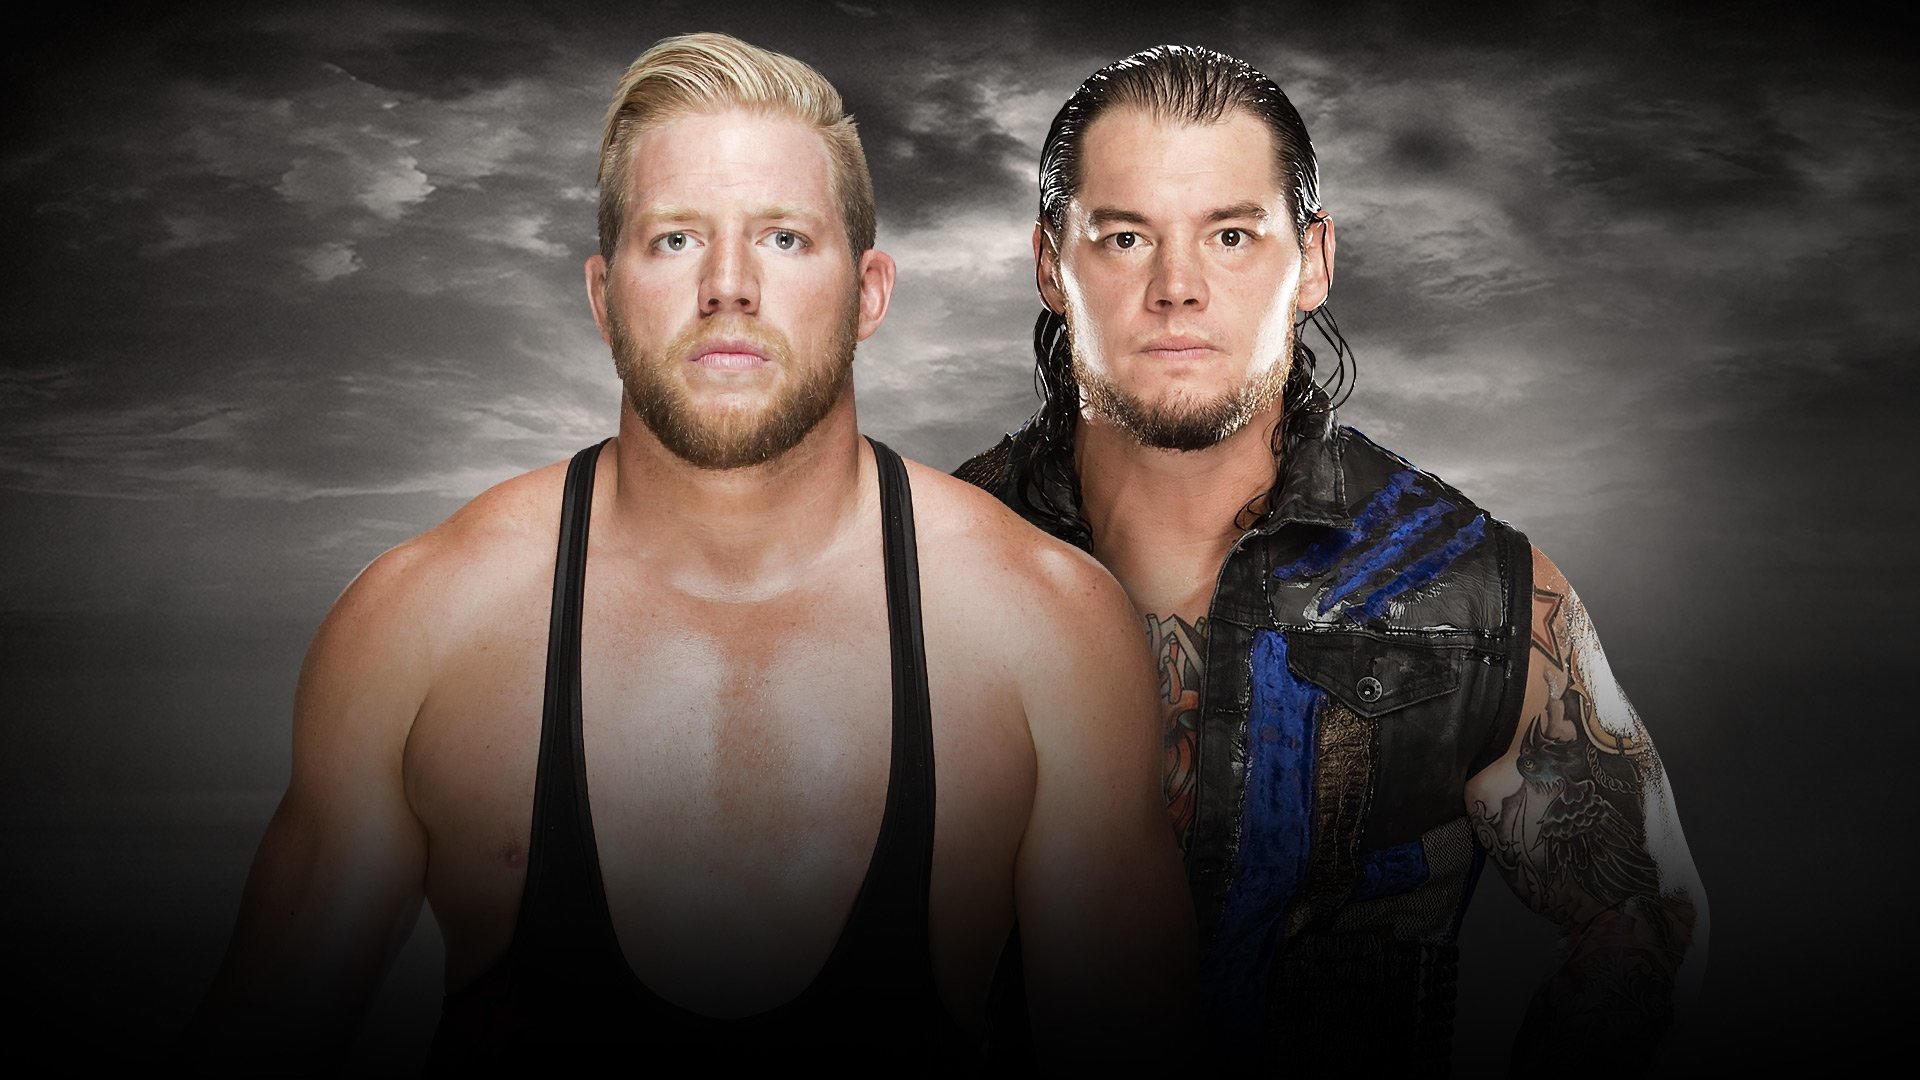 WWE NO MERCY - OCTOBER 9 - SACRAMENTO, CALIFORNIA 20161003_Nomercy_SwaggerBaron--a463723b262a04de796b353878700e89